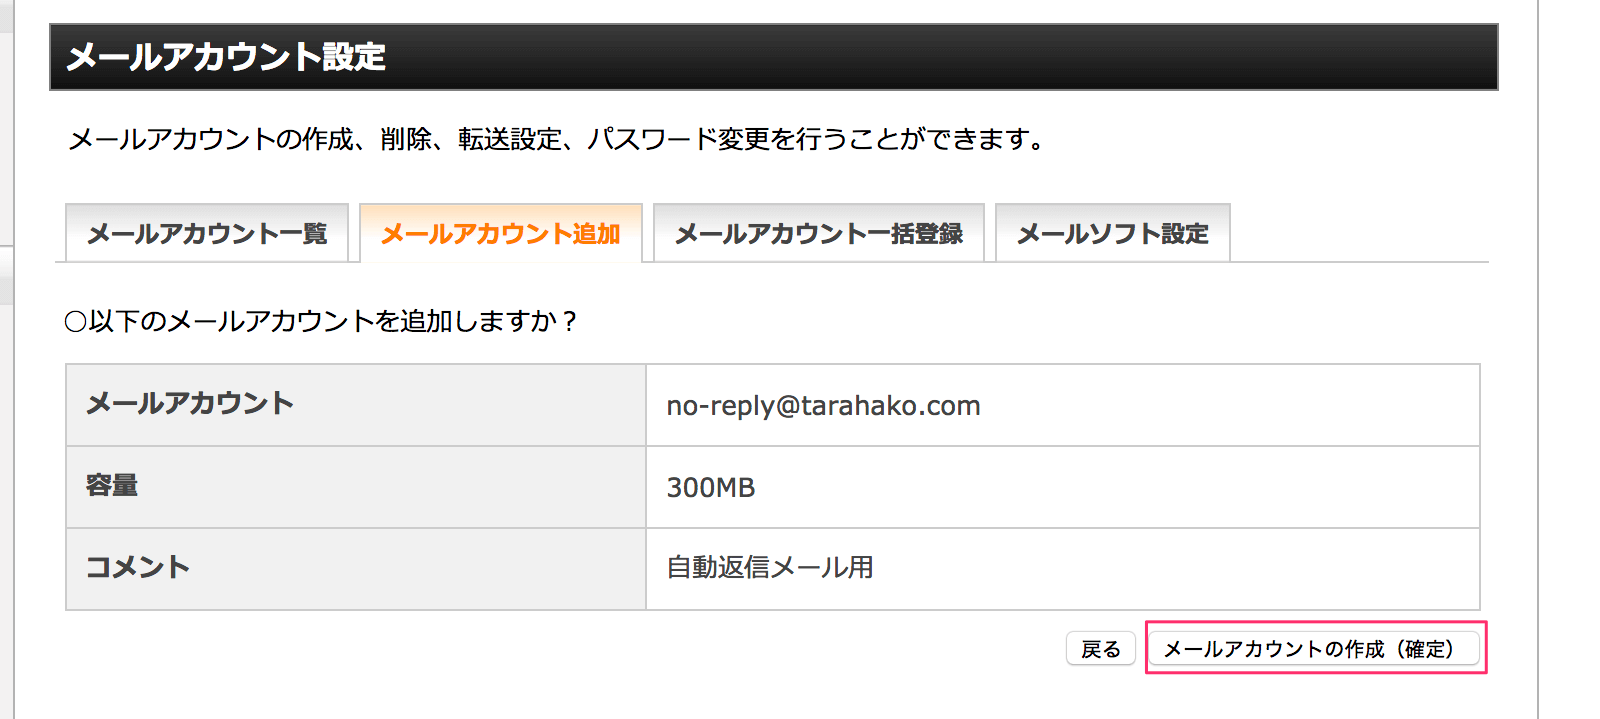 メールアカウント追加確認ページで確定ボタンを押してアカウント追加完了